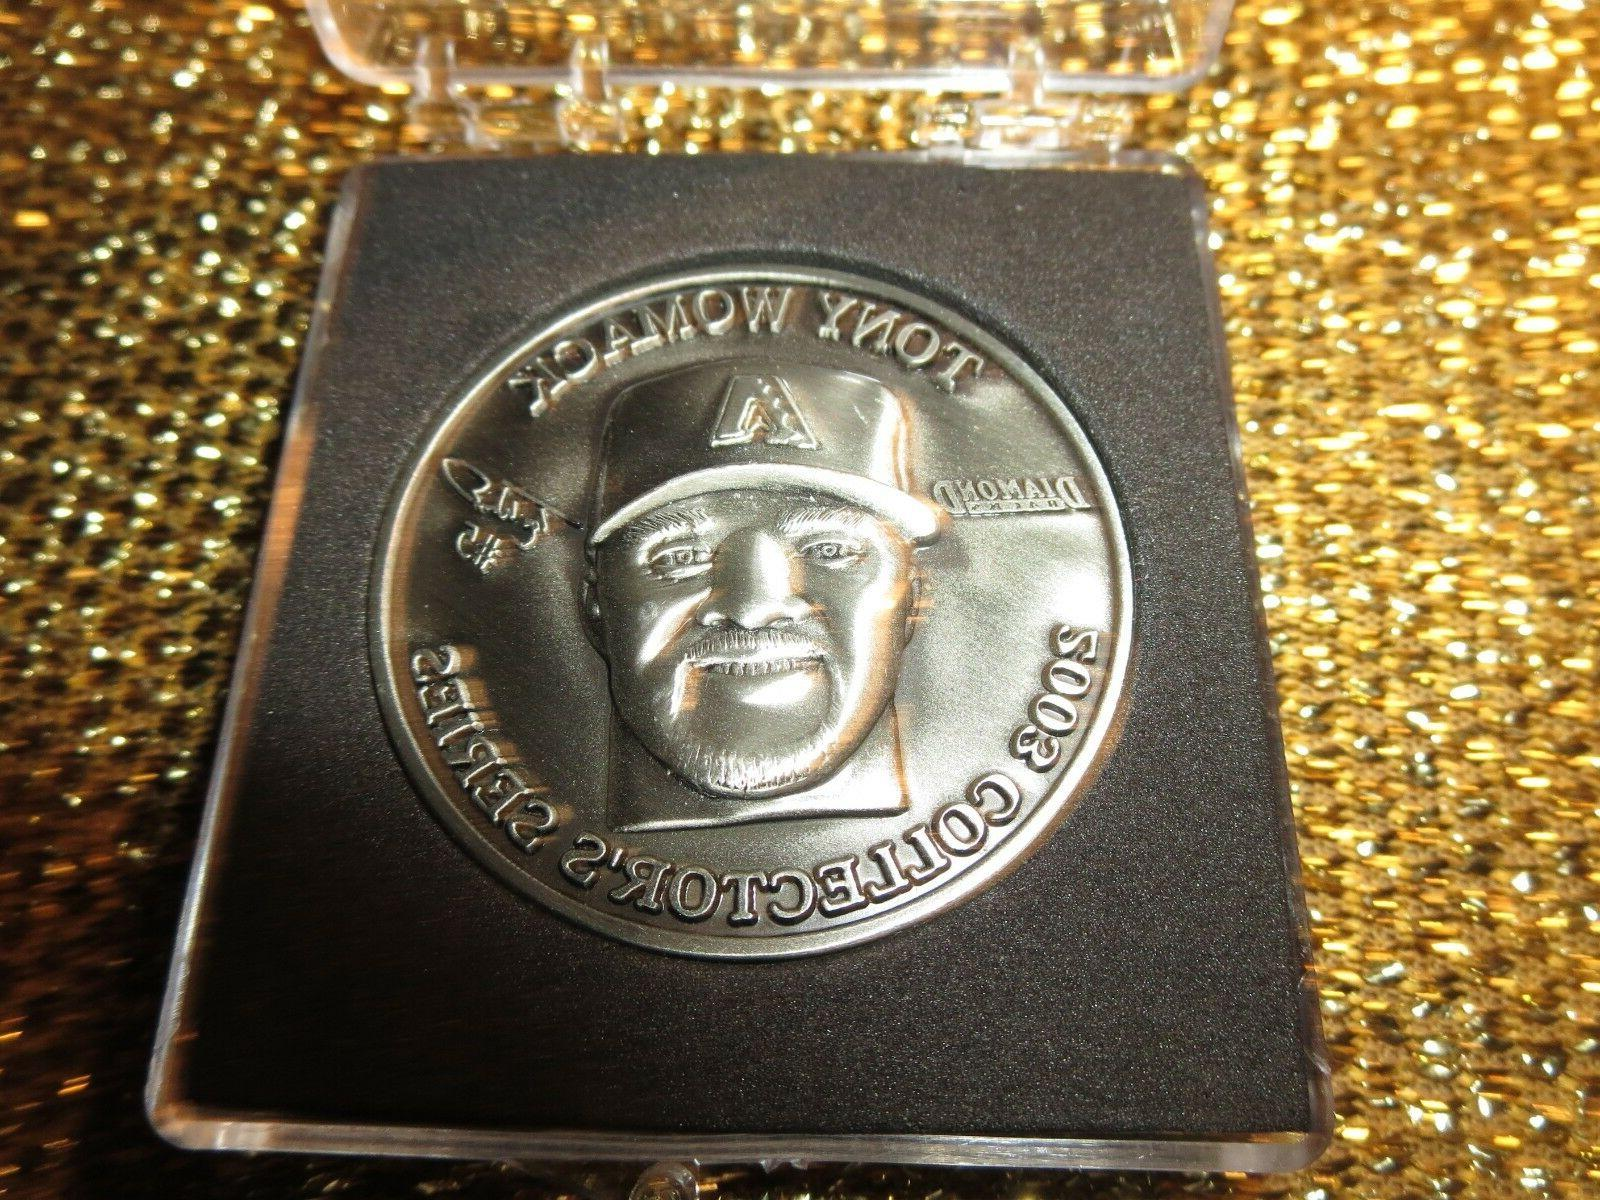 tony womack arizona diamondbacks world series champs